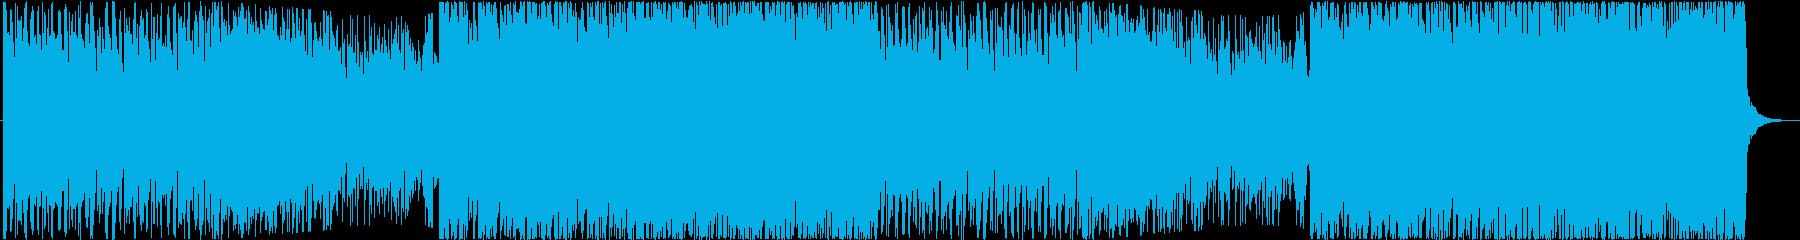 ポップで楽しいかわいいEDMの再生済みの波形